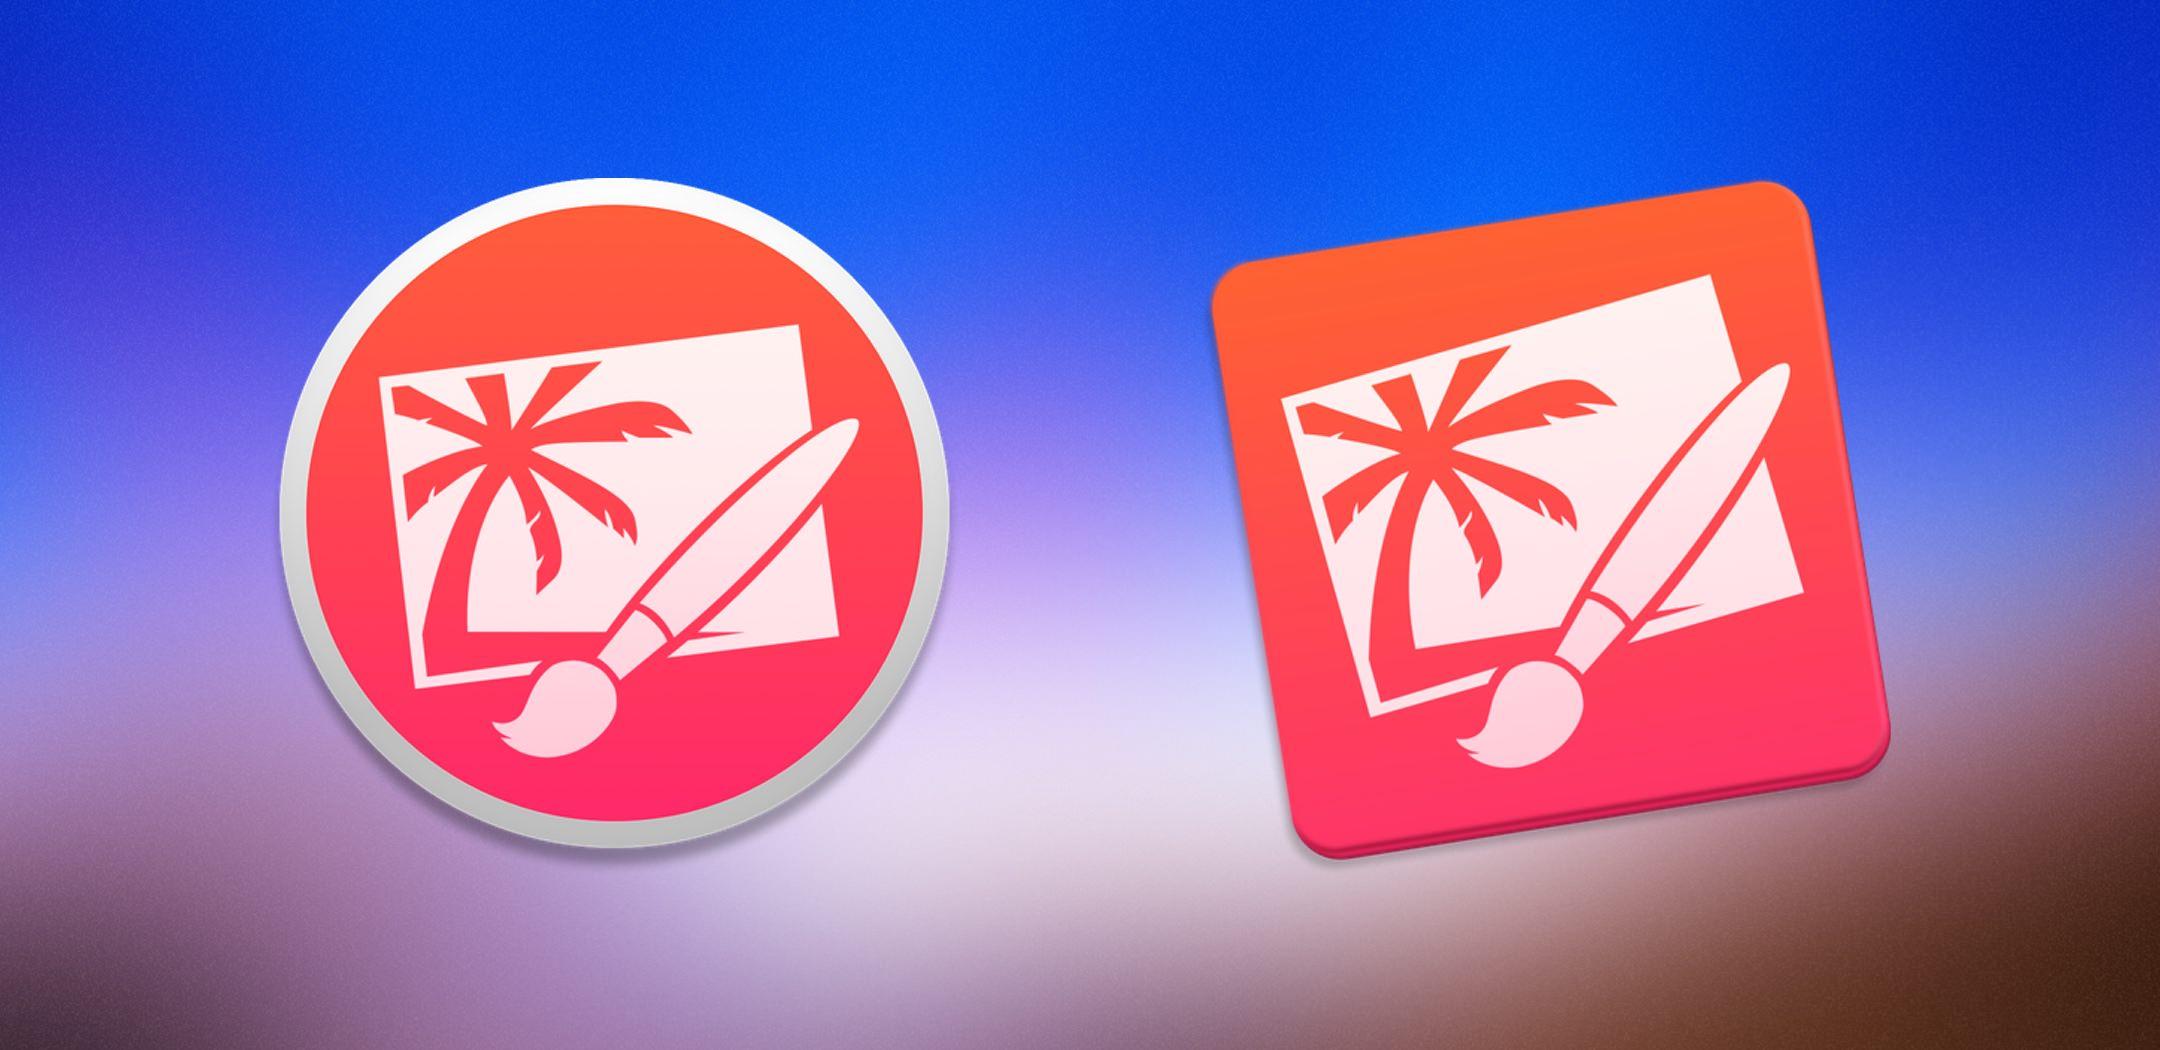 Iconos OS X Yosemite: Pixelmator